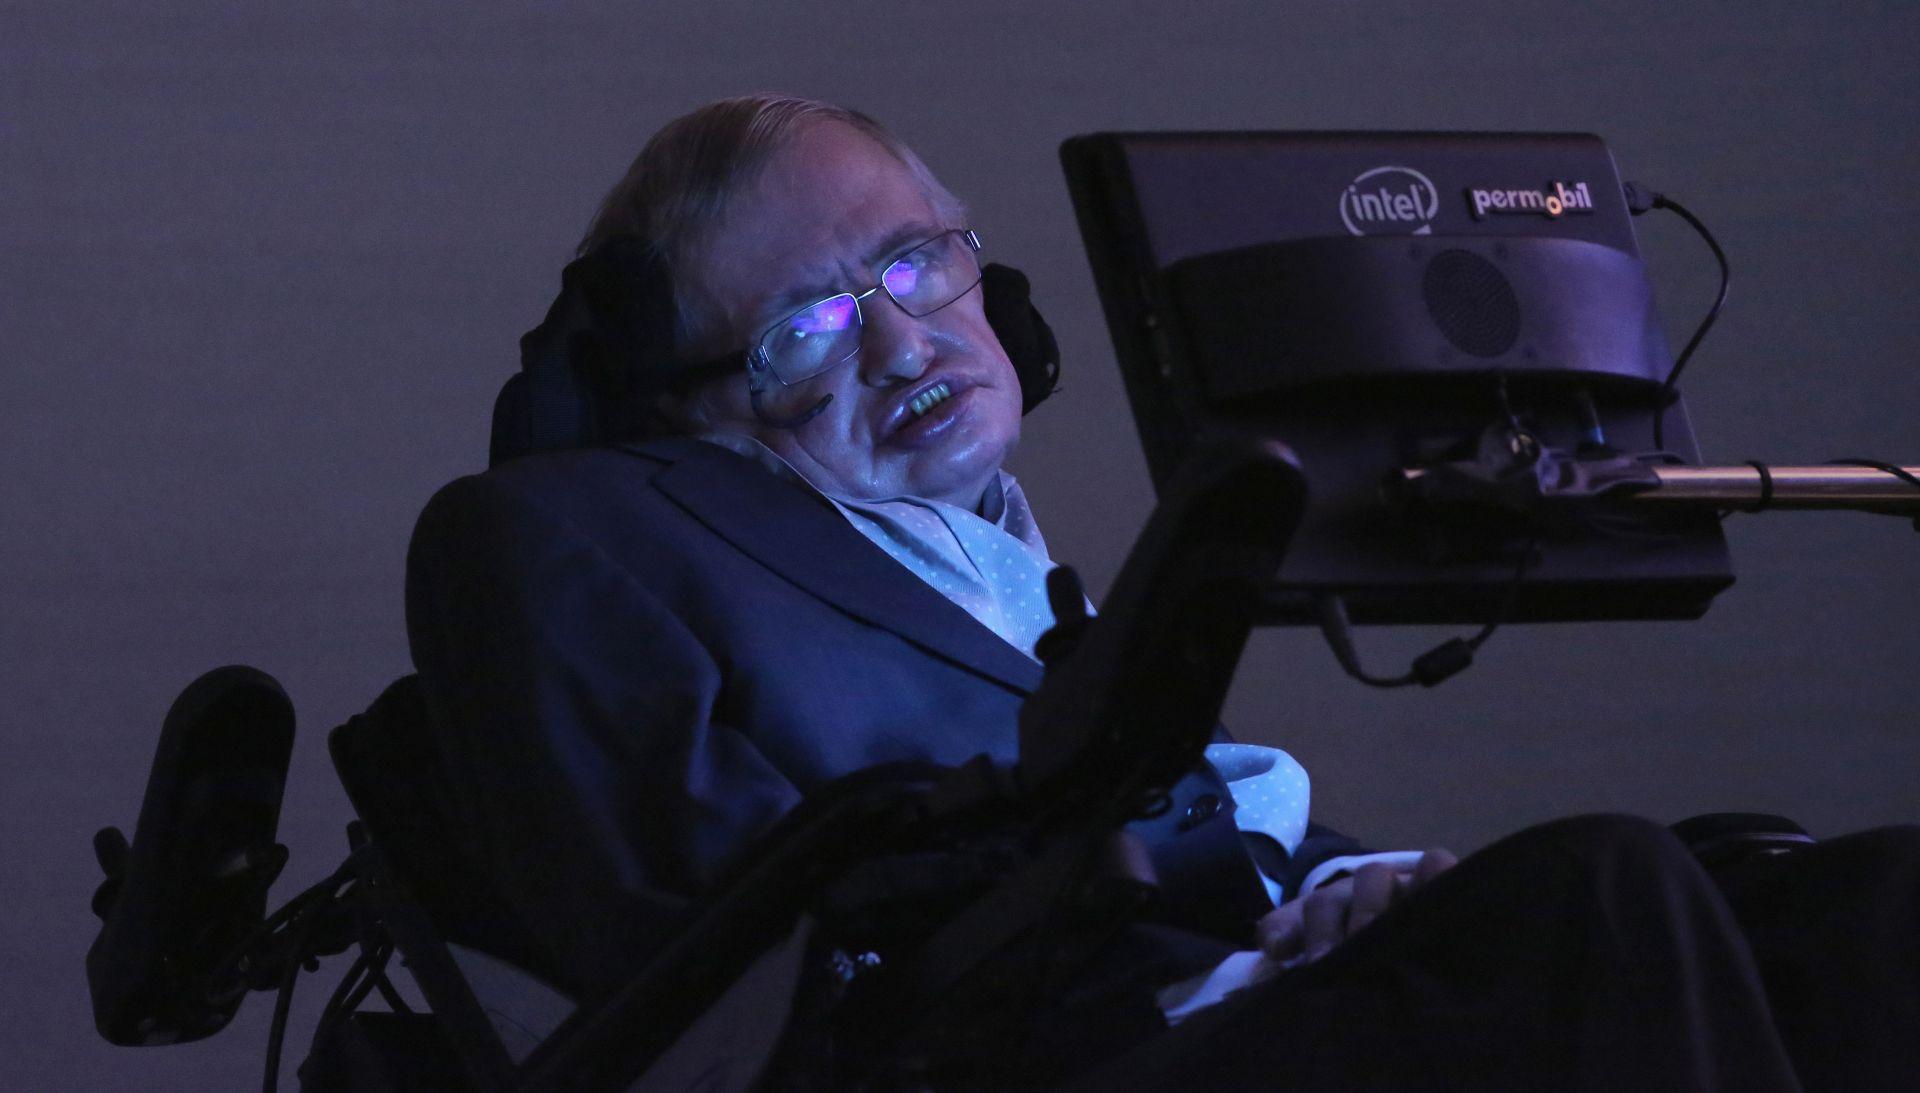 UPOZORENJE SLAVNOG FIZIČARA Stephen Hawking: Opstanak čovječanstva je u opasnosti